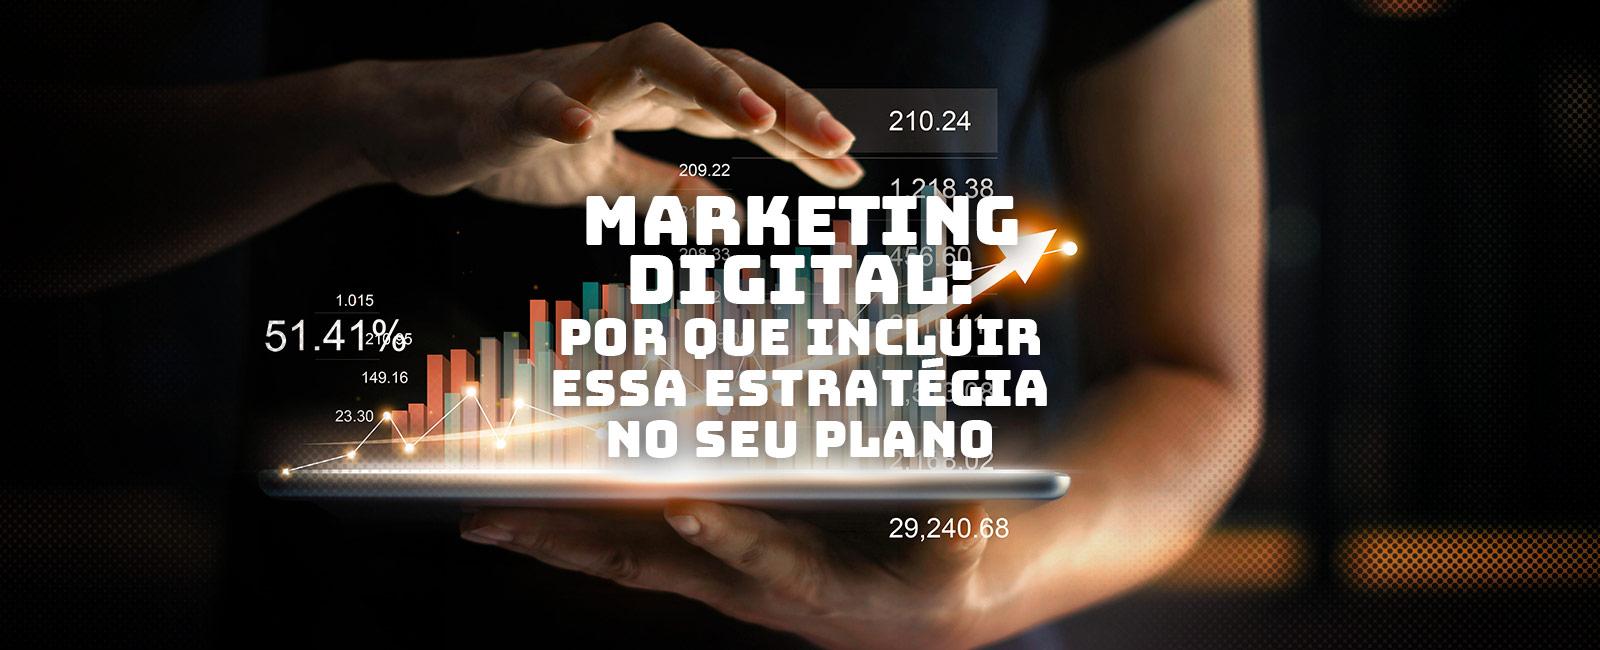 Marketing Digital: porque sua marca precisa incluir essa estratégia no seu plano